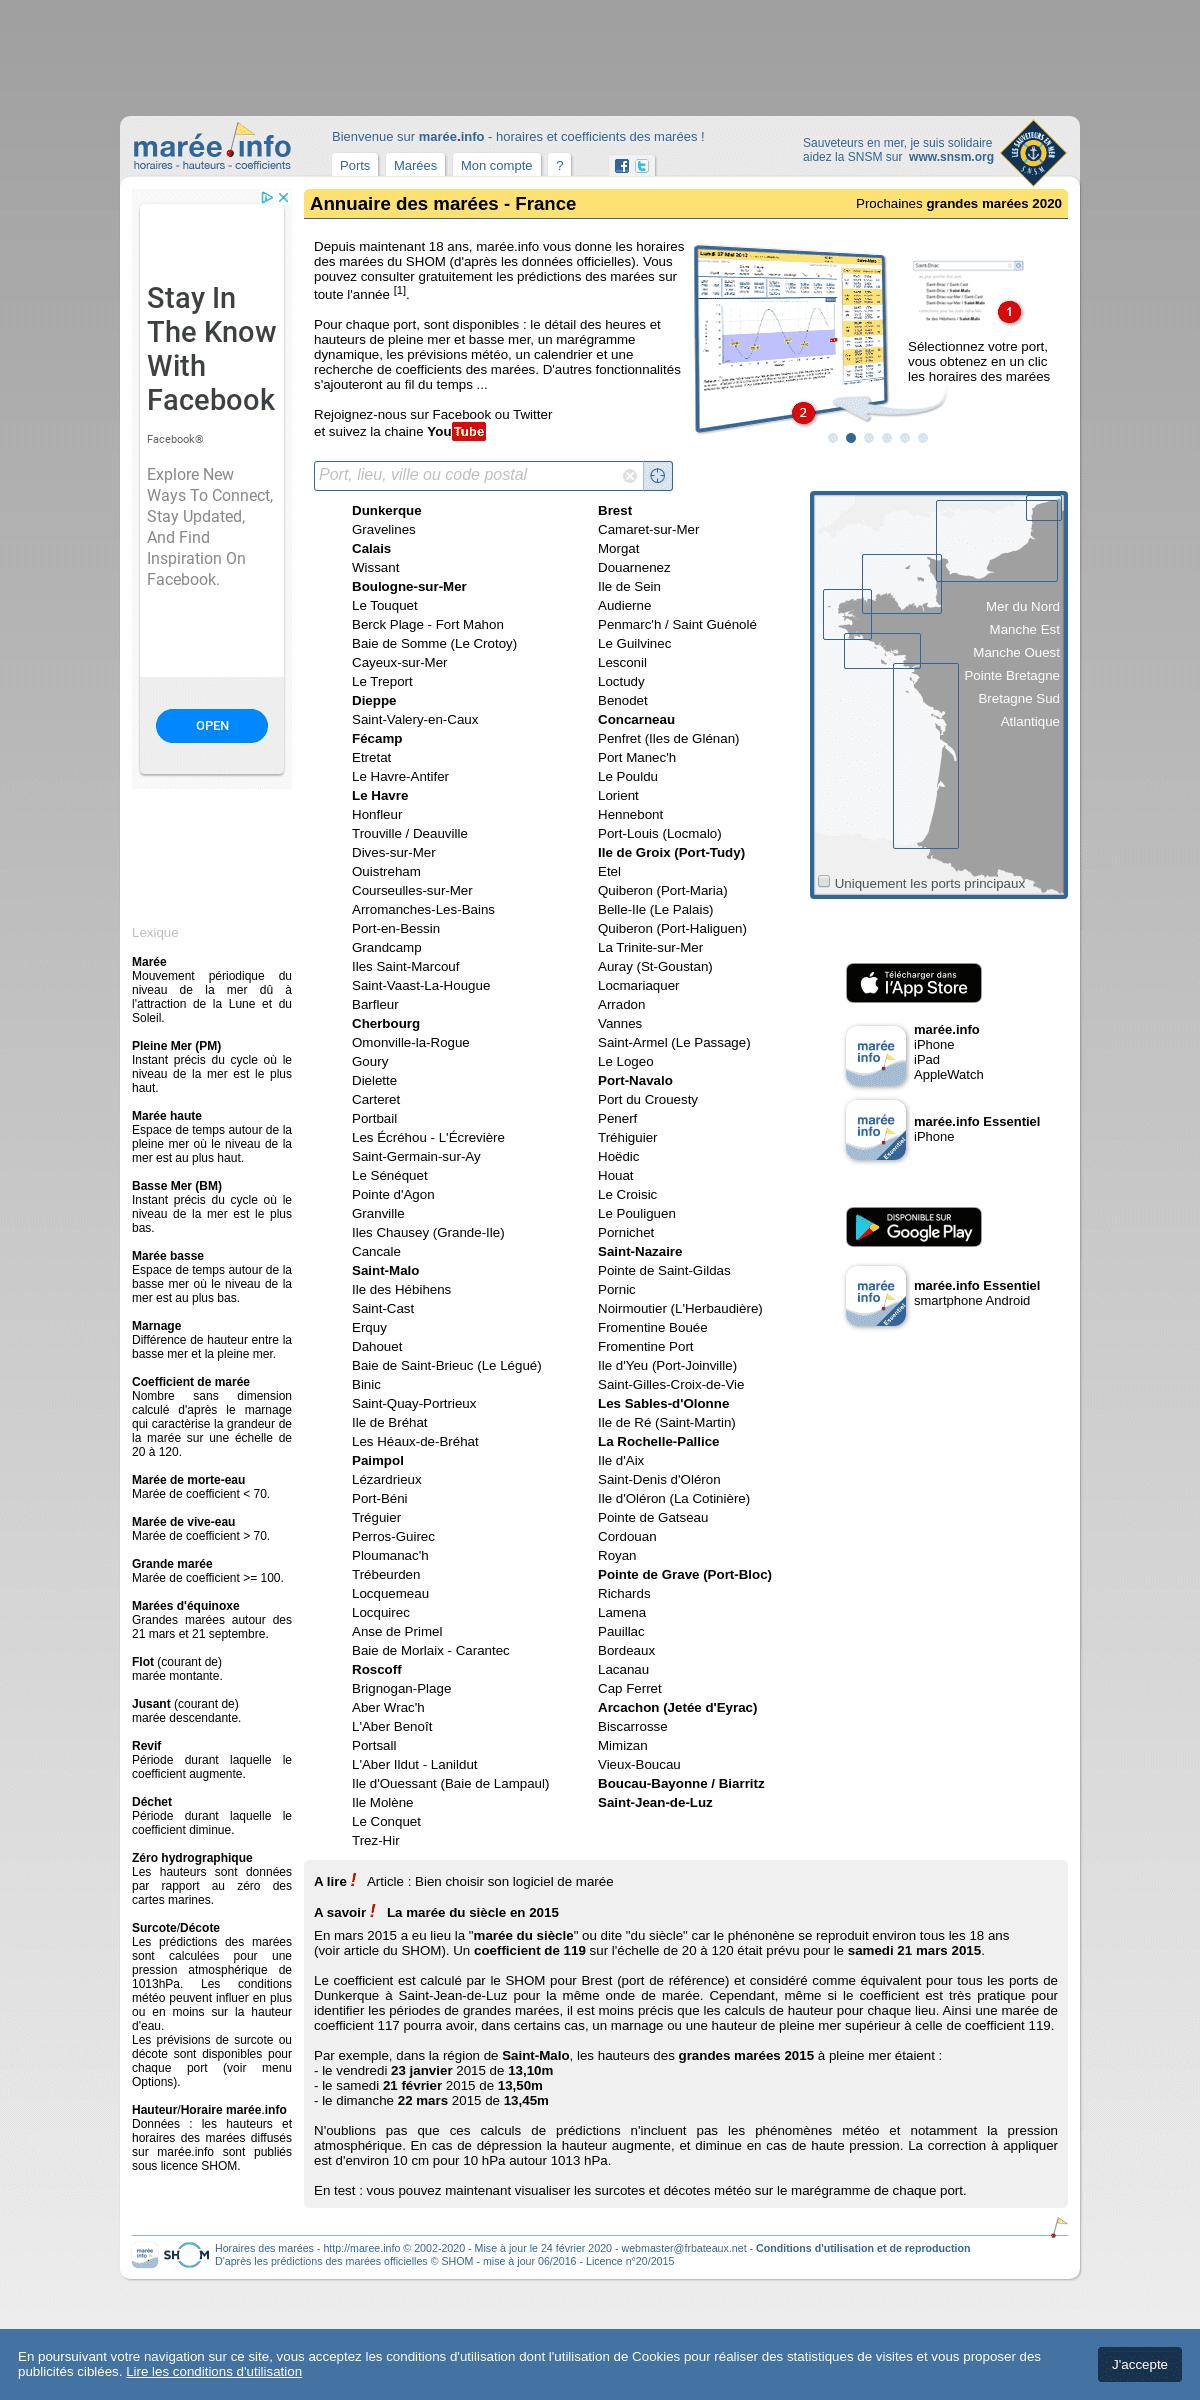 maree.info - Annuaire des marées - horaire, hauteur, coefficient de marée en Atlantique Manche Mer du Nord